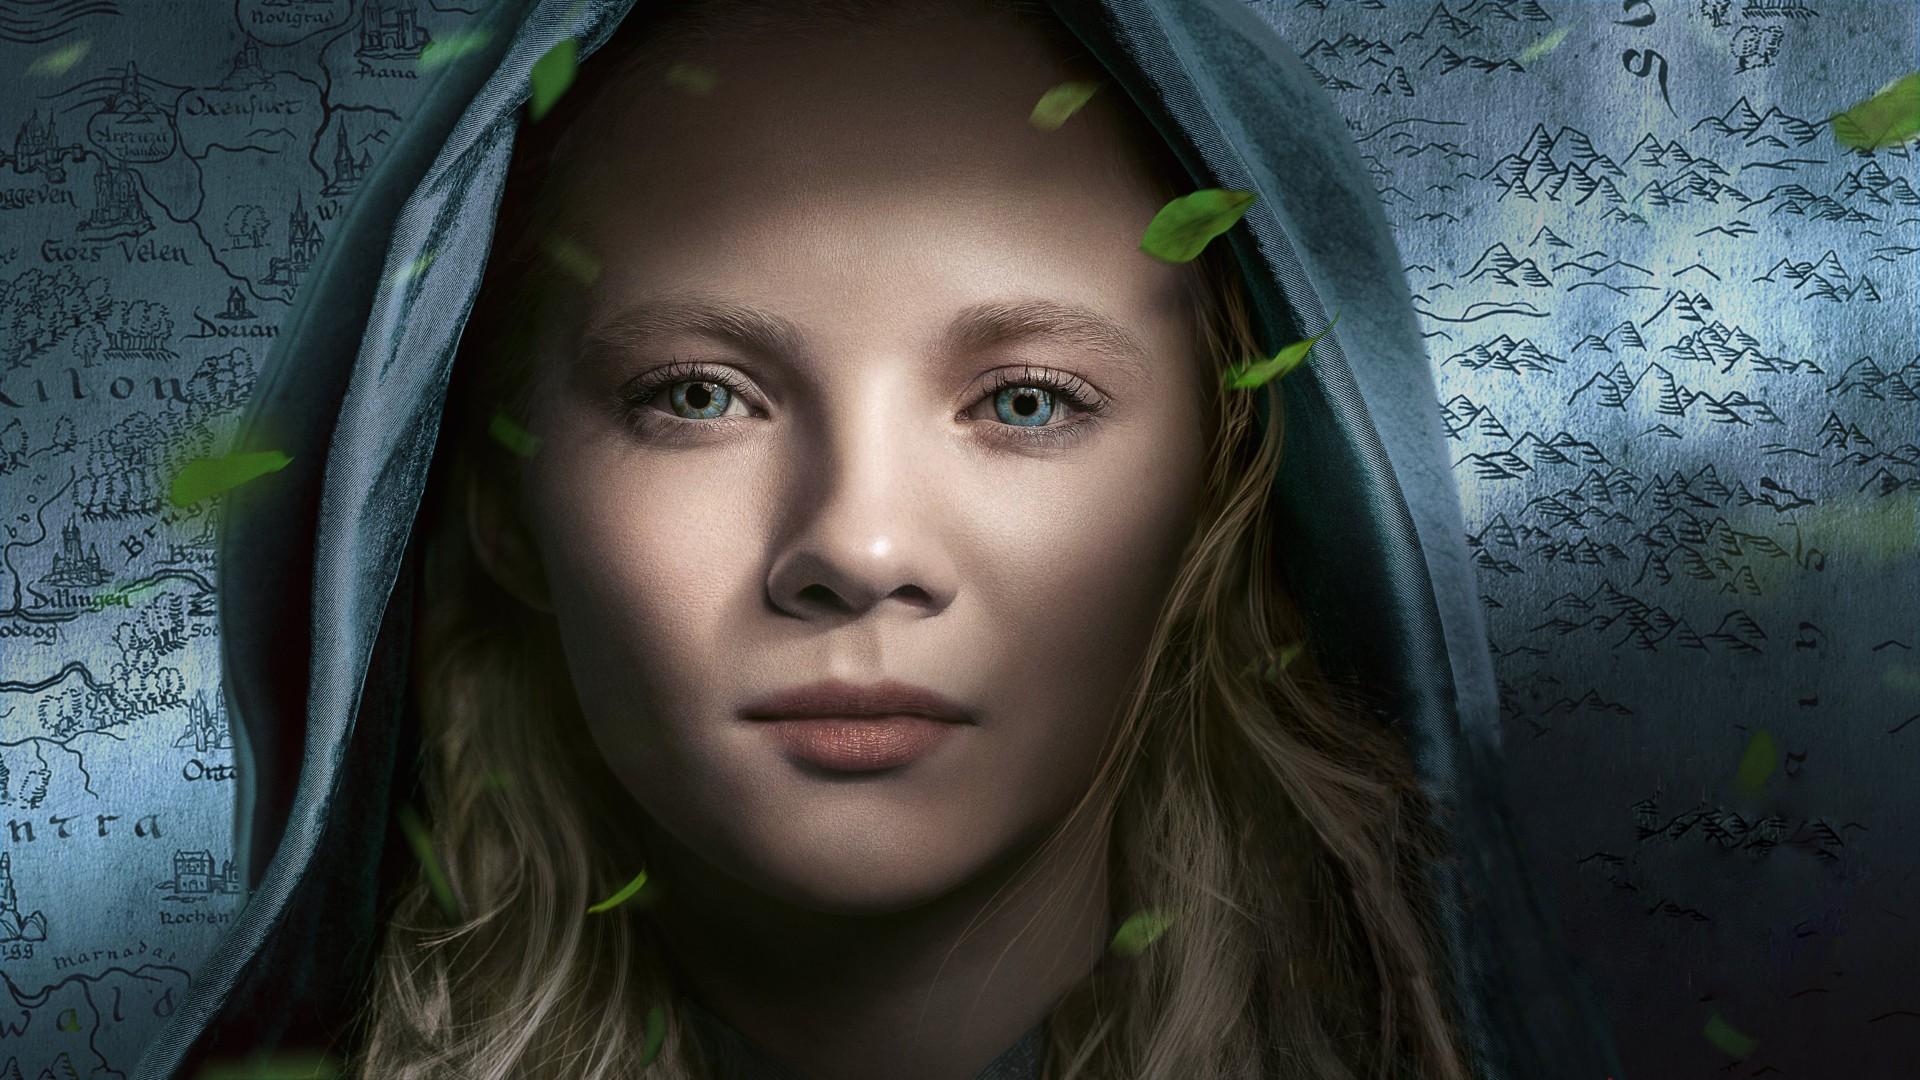 The Witcher 2. sezonundan Ciri'li görseller yayımlandı